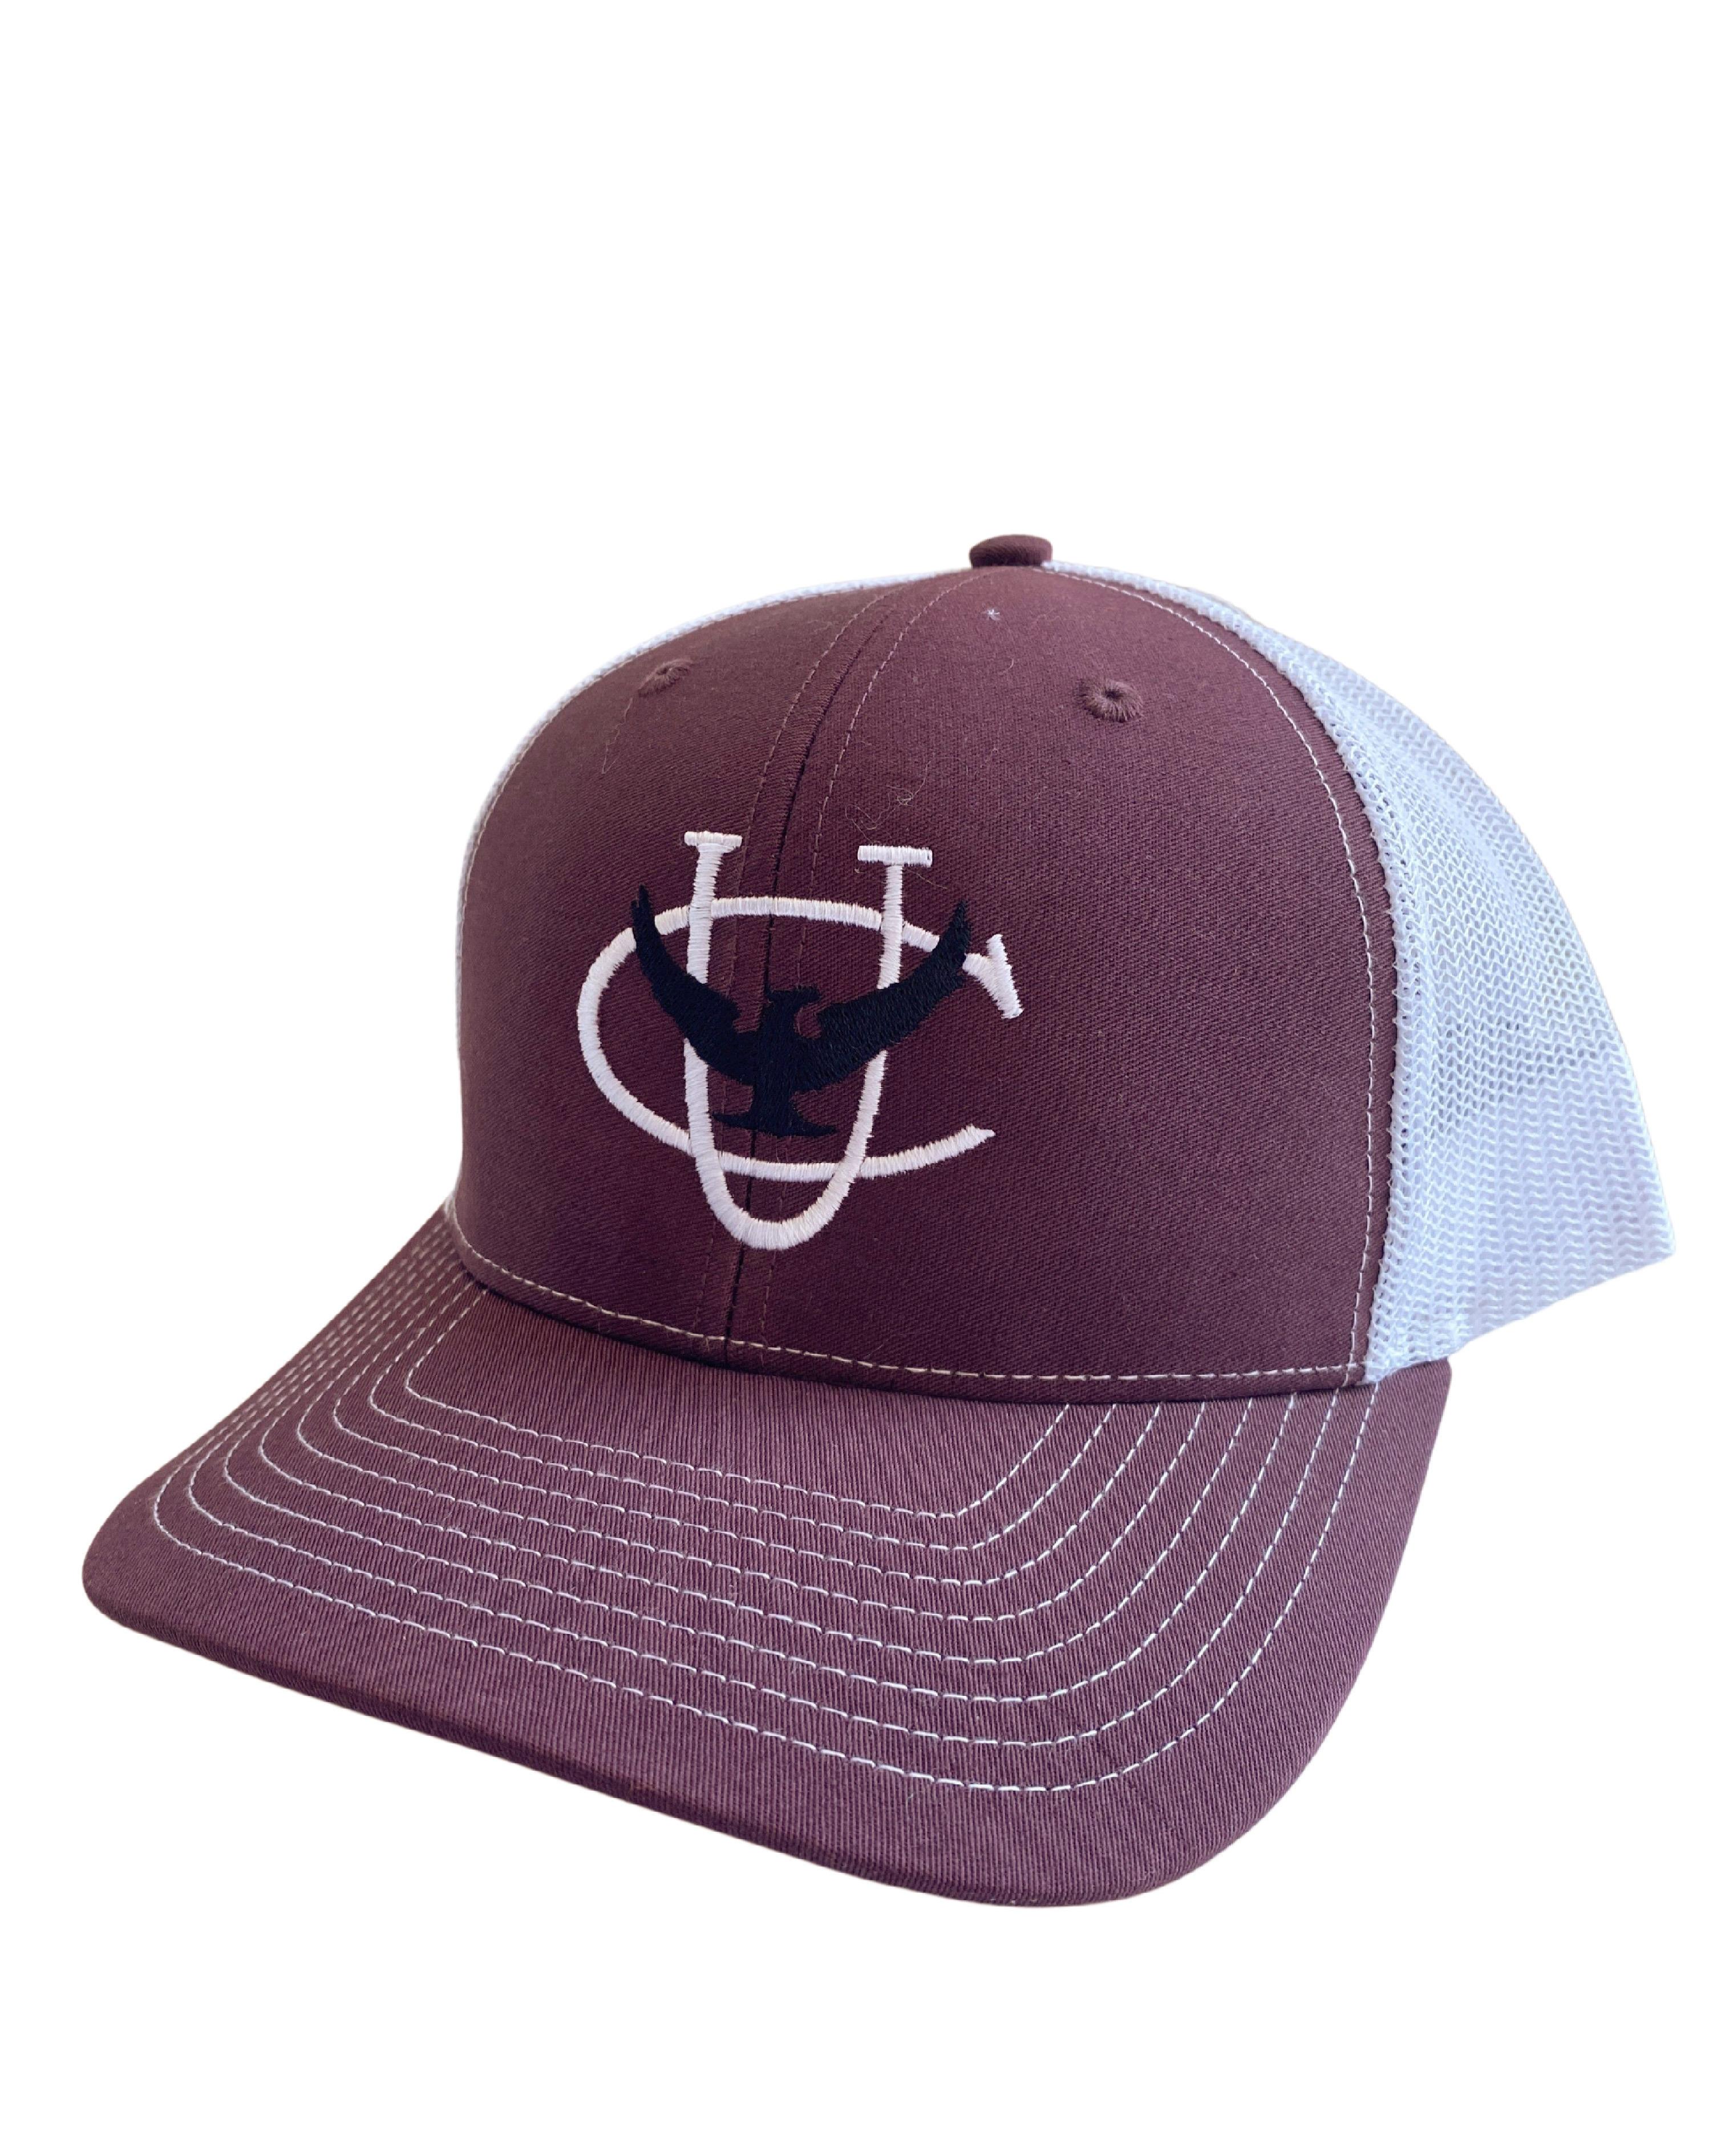 CU Old Logo Mesh Hat